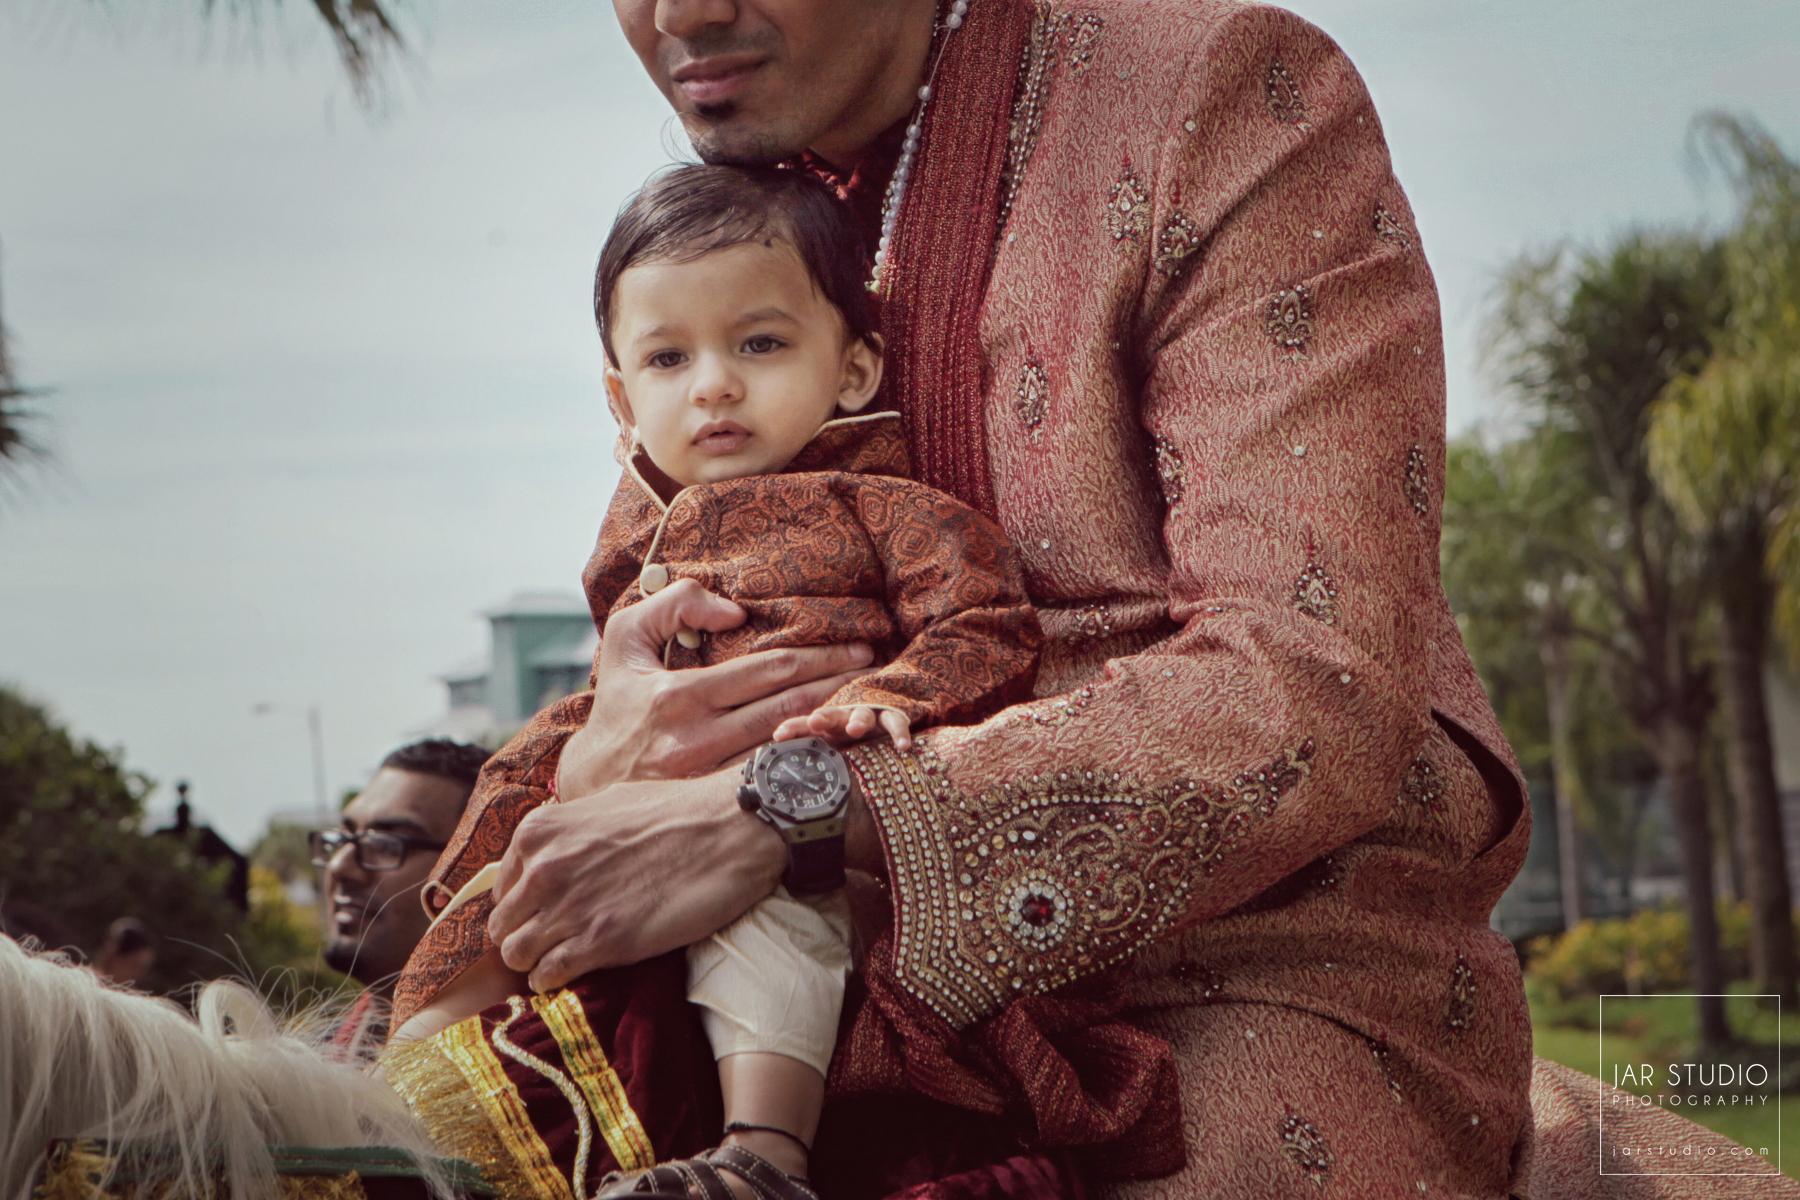 24-hindu-groom-baby-Sherwani-jarstudio-photography-orlando.JPG